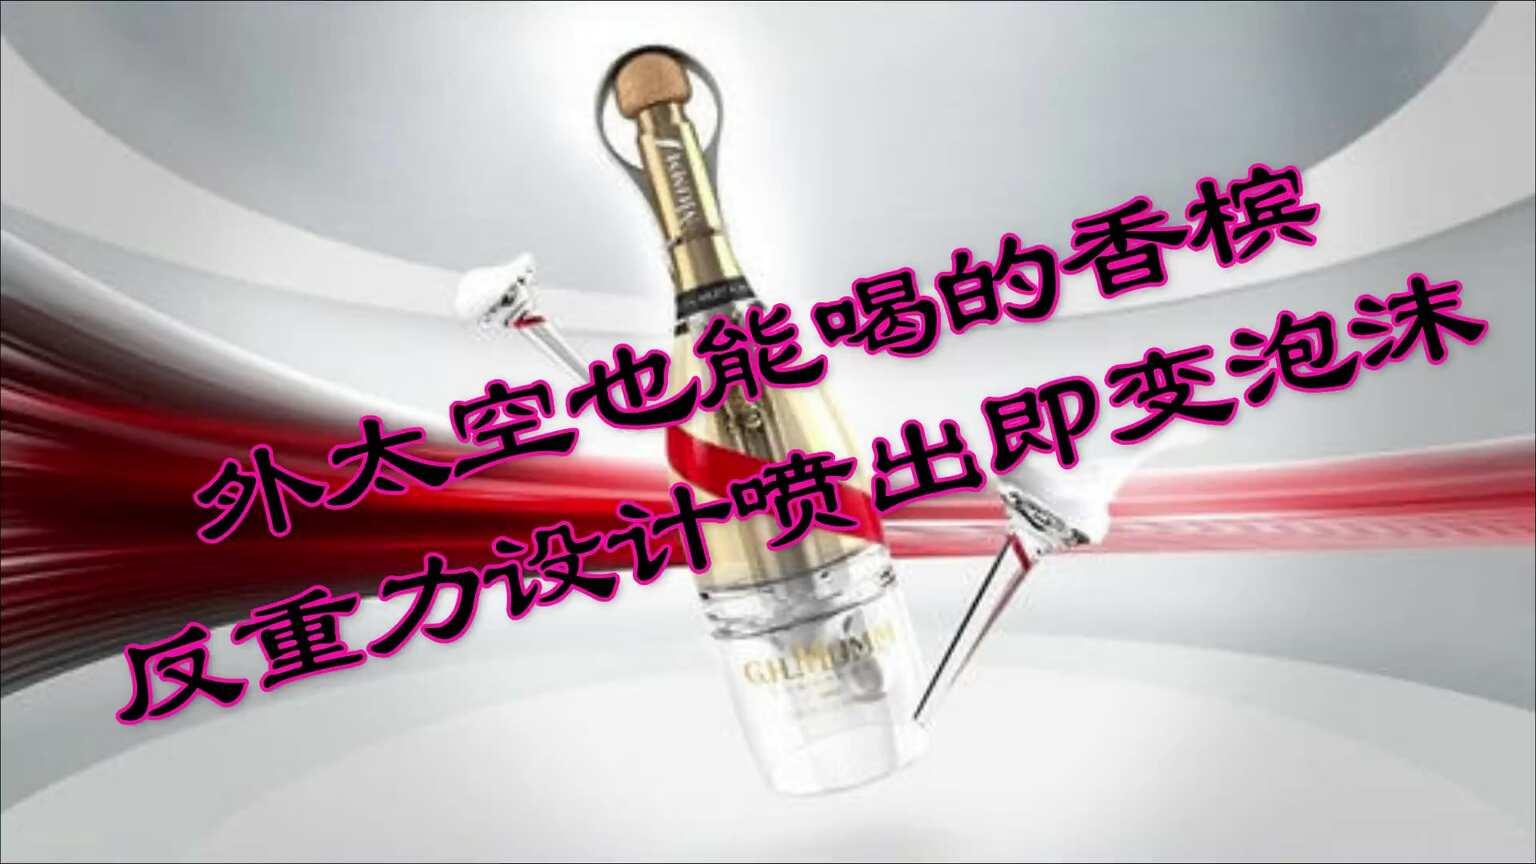 外太空也能喝的香槟,反重力设计喷出即变泡沫